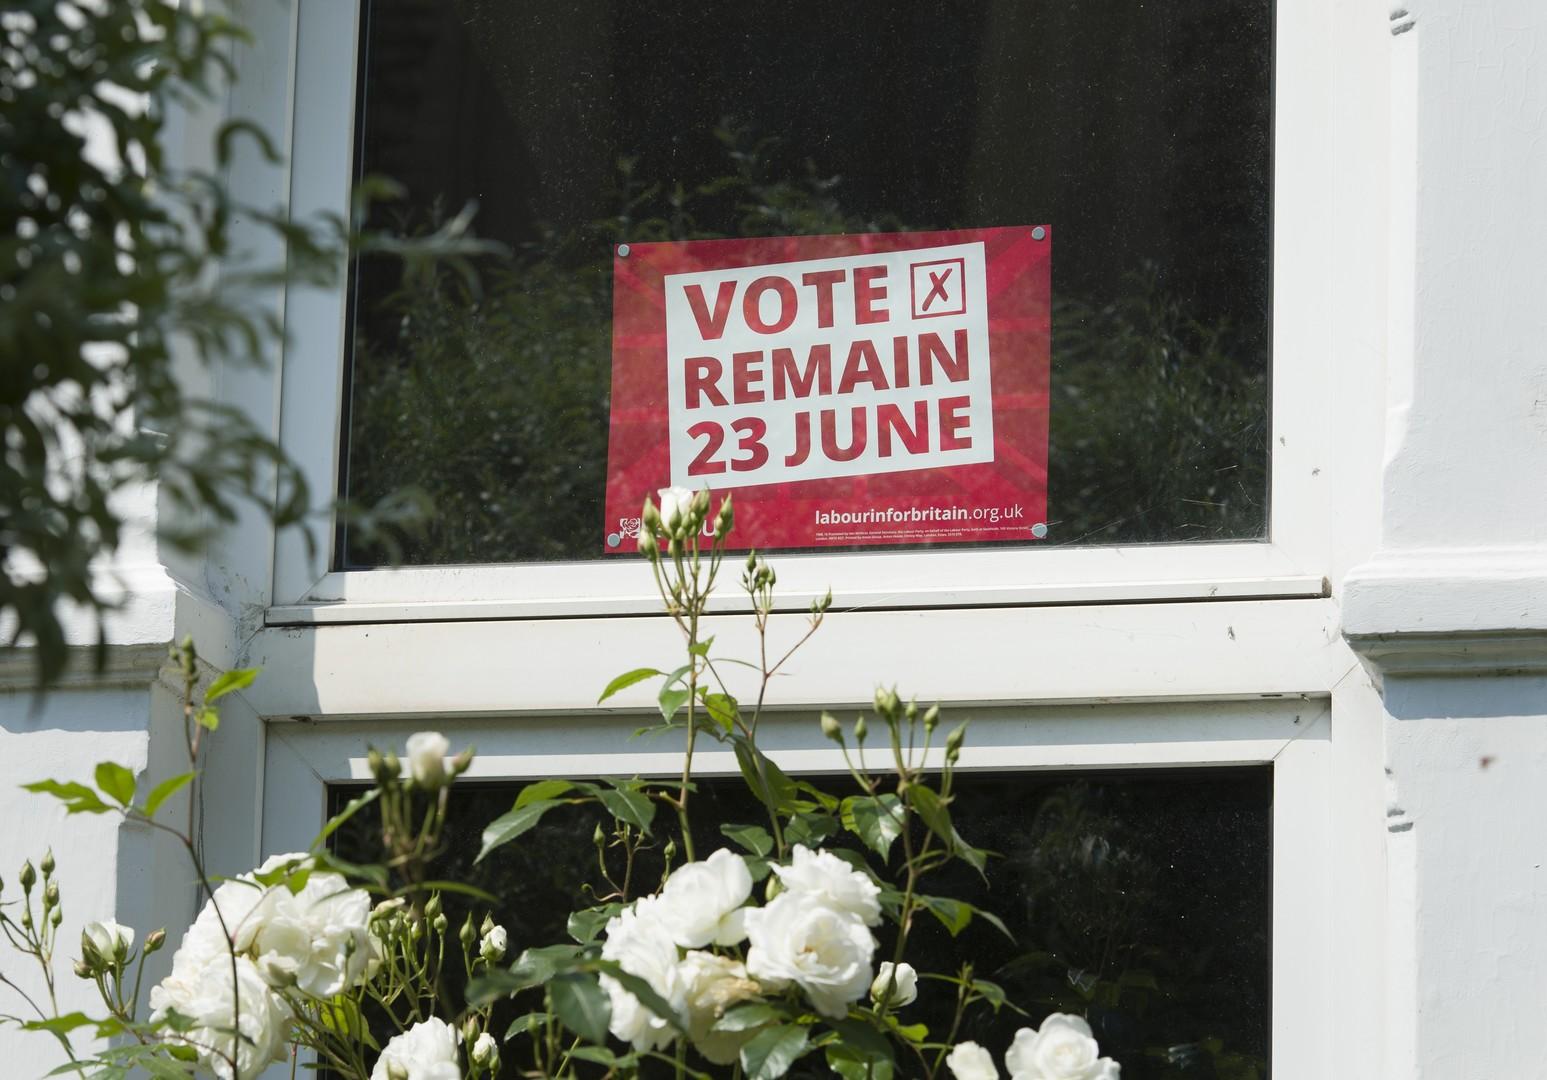 Плакат в окне жилого дома с призывом голосовать за сохранение членства Великобритании в ЕС в преддверии референдума, который состоится 23 июня.